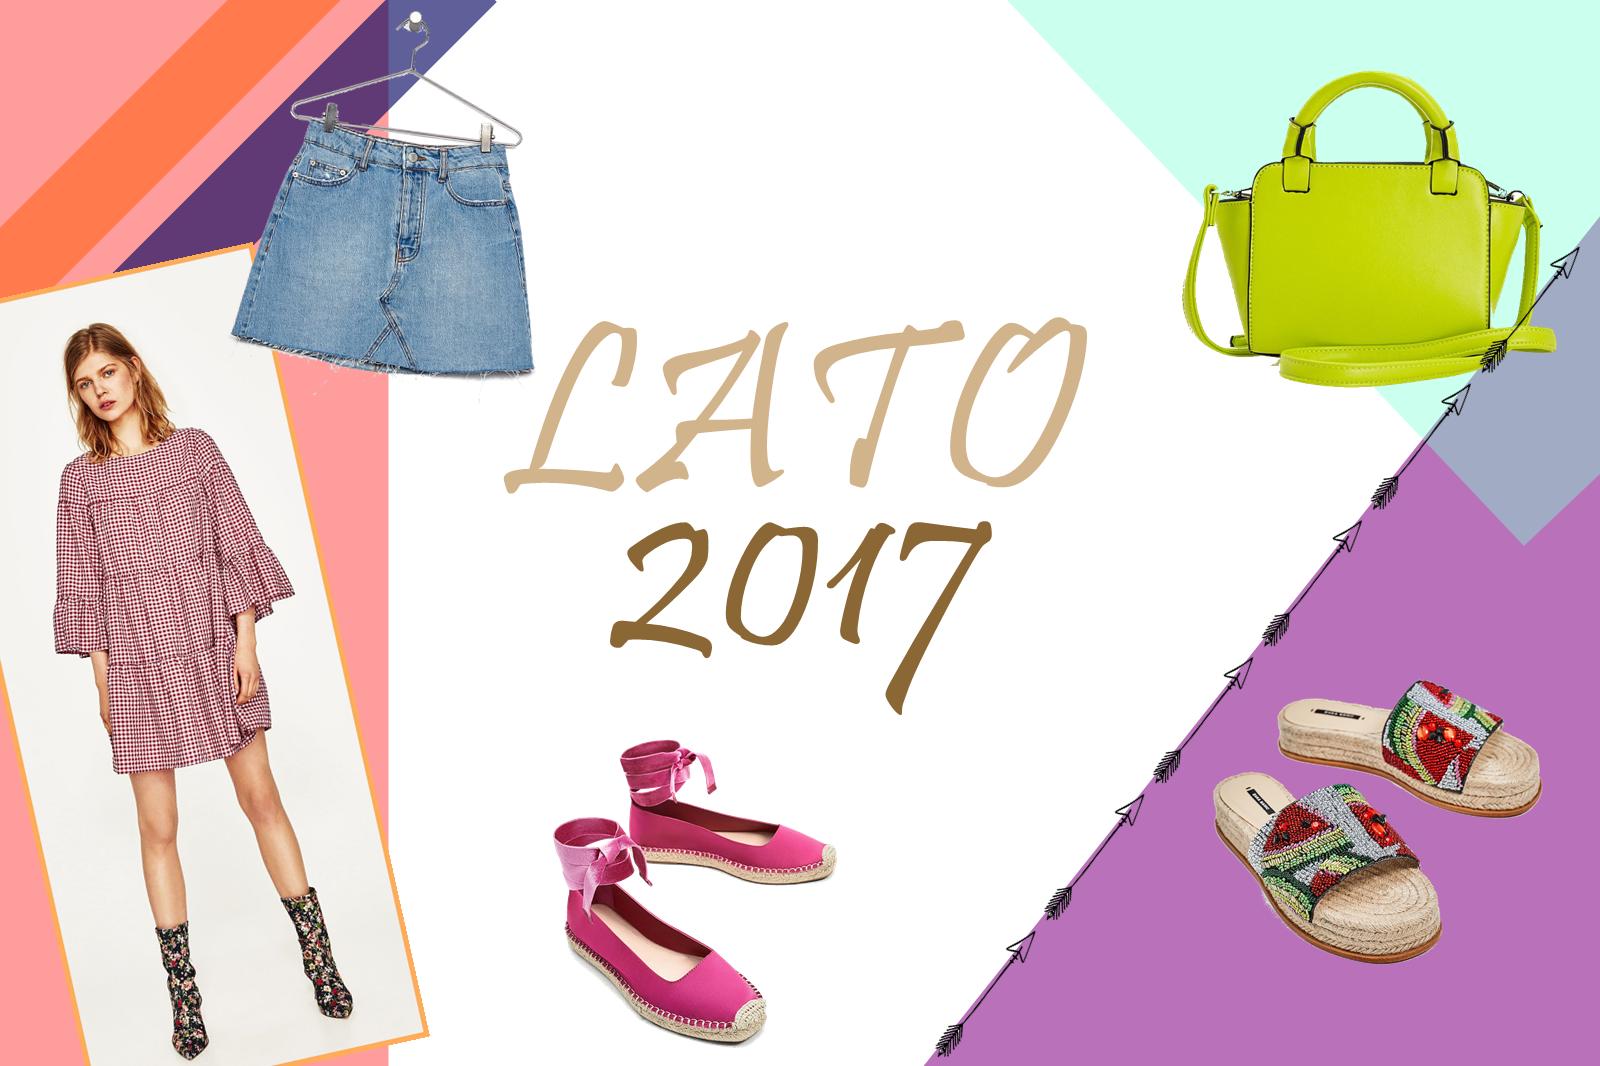 Co modnego w trawie piszczy? Sezon Lato 2017